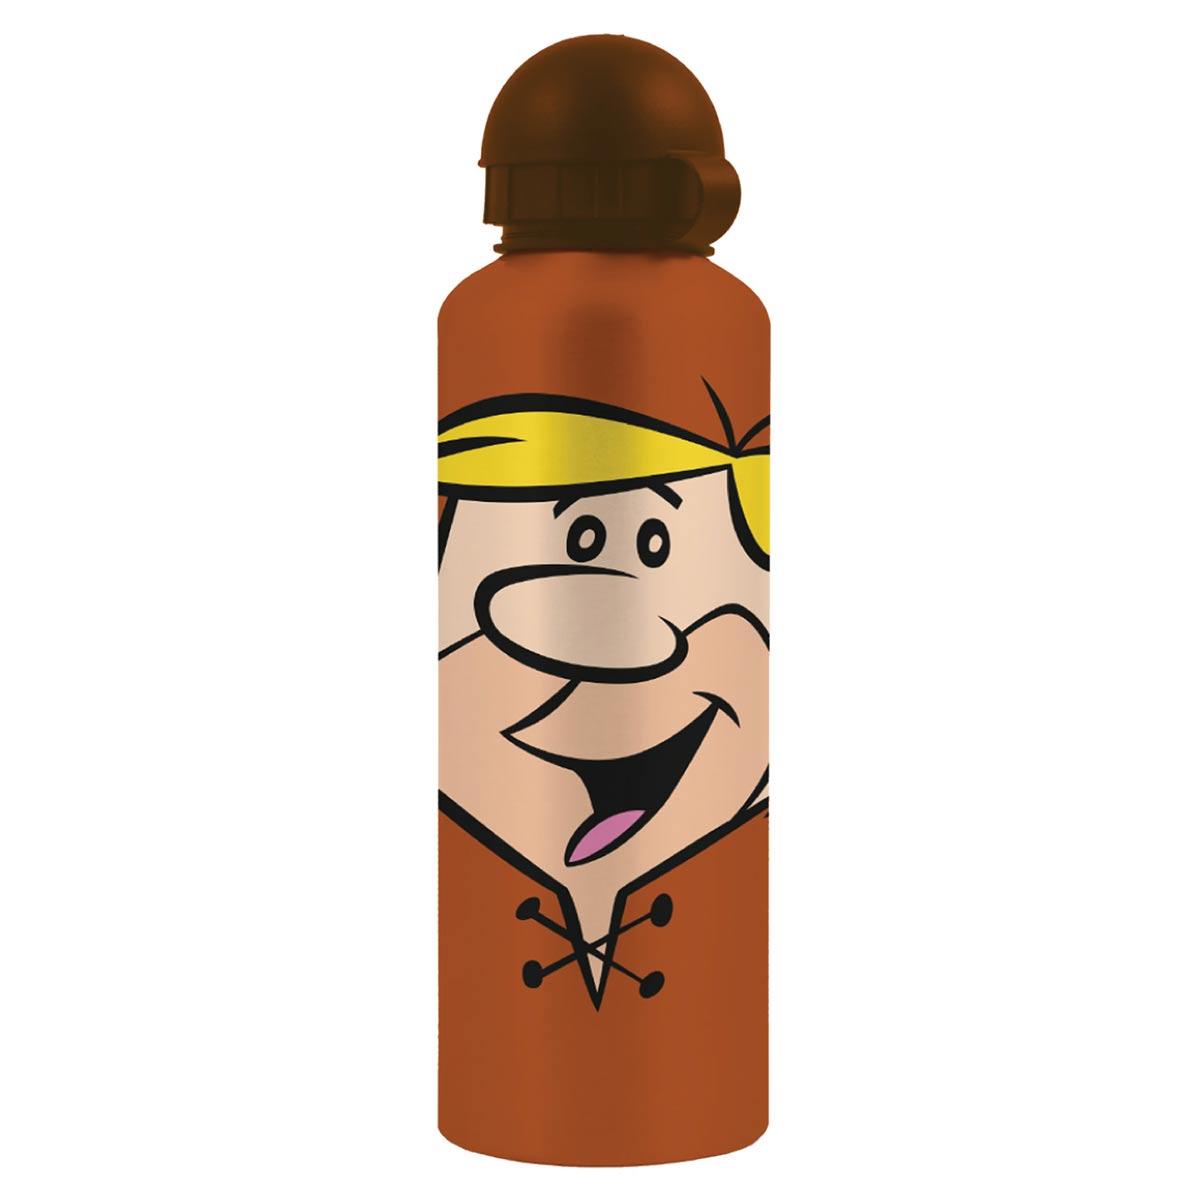 Squeeze HB Os Flintstones Barney